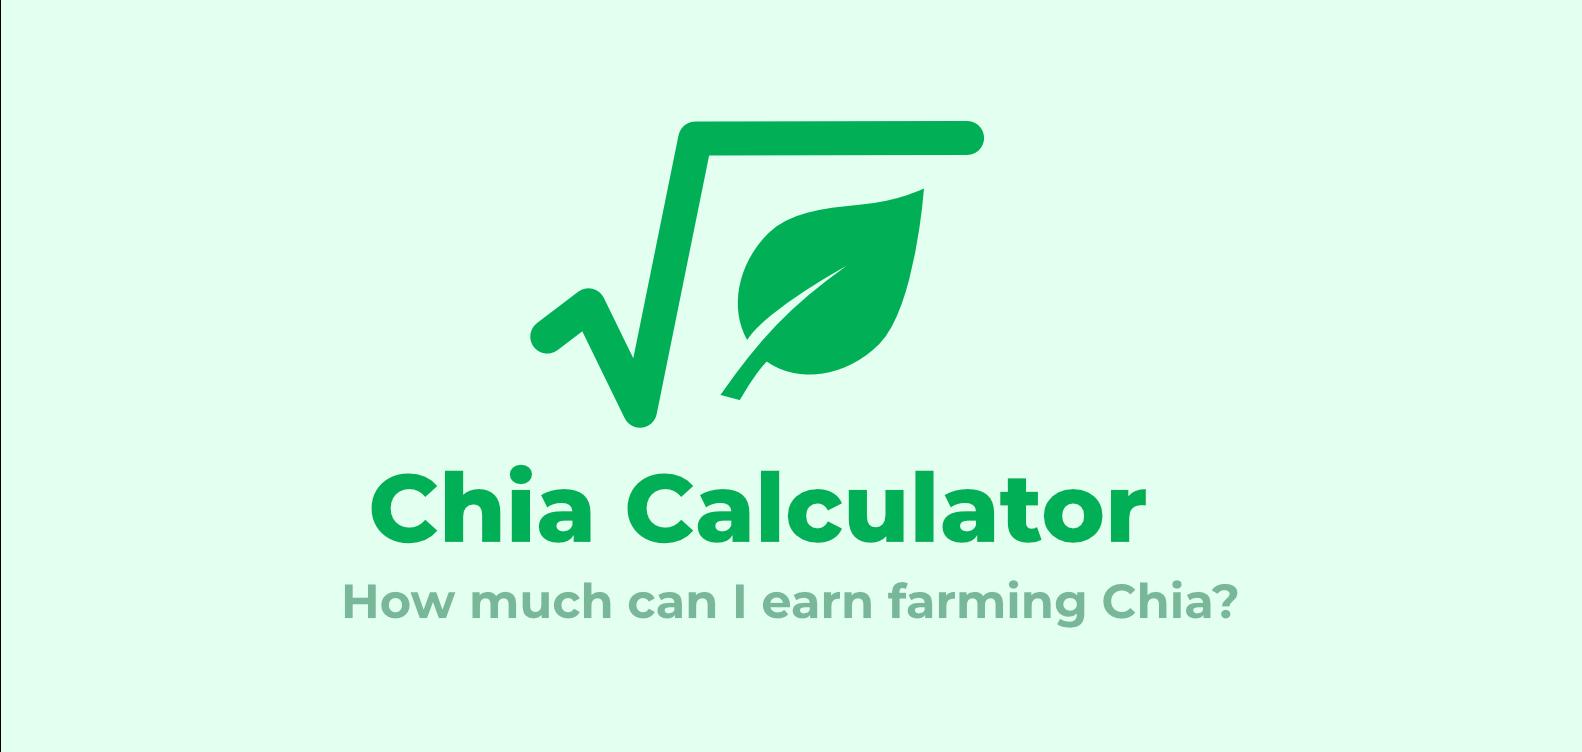 chiacalculator.com